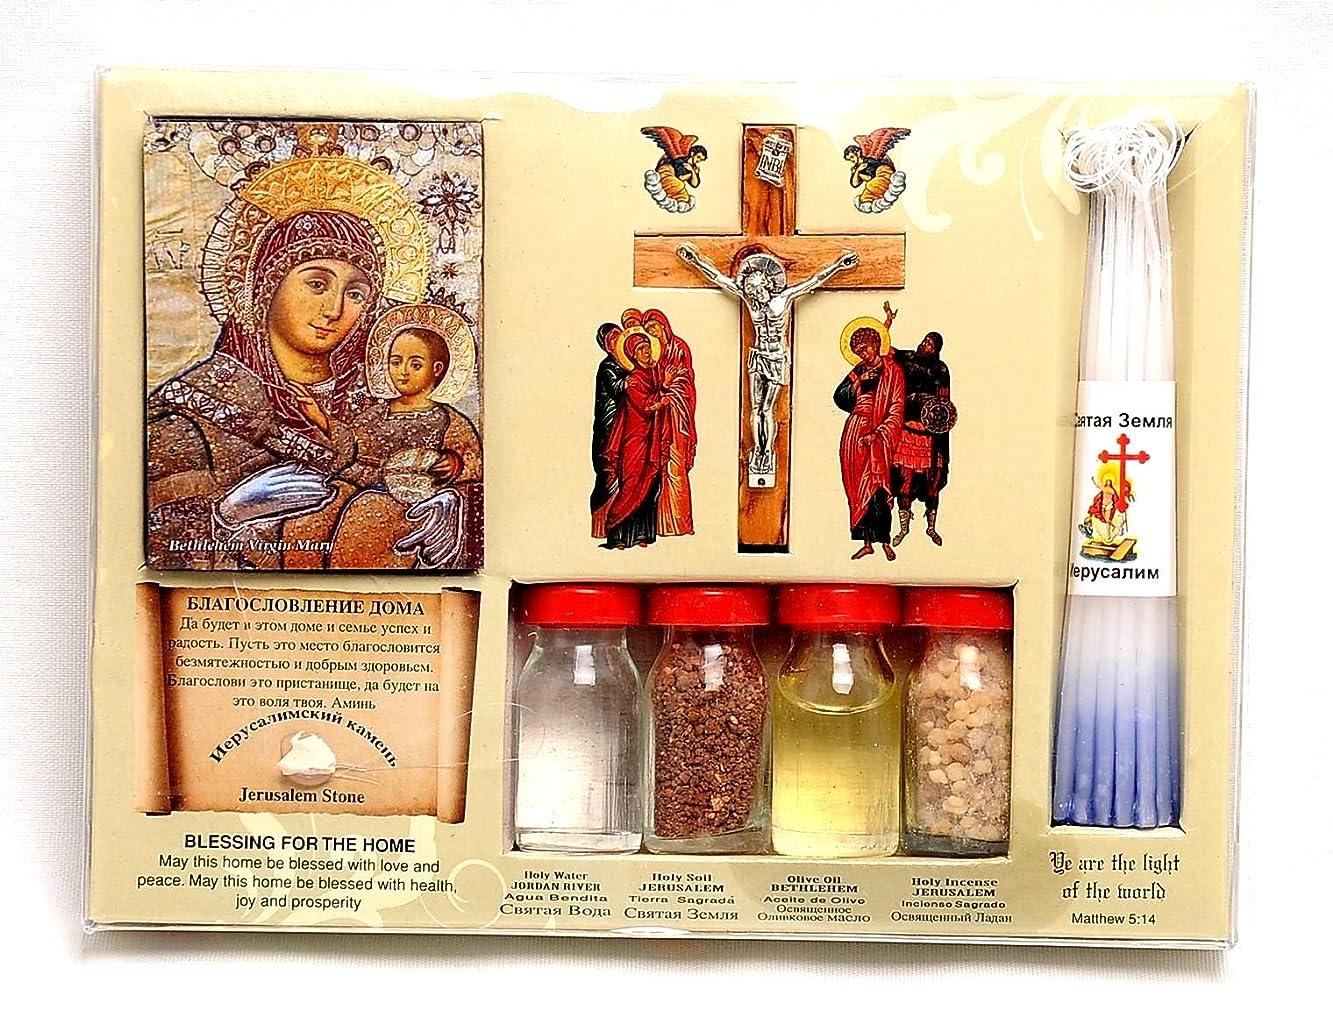 飼料充実医薬ホーム祝福キットボトル、クロス&キャンドルから聖地エルサレム